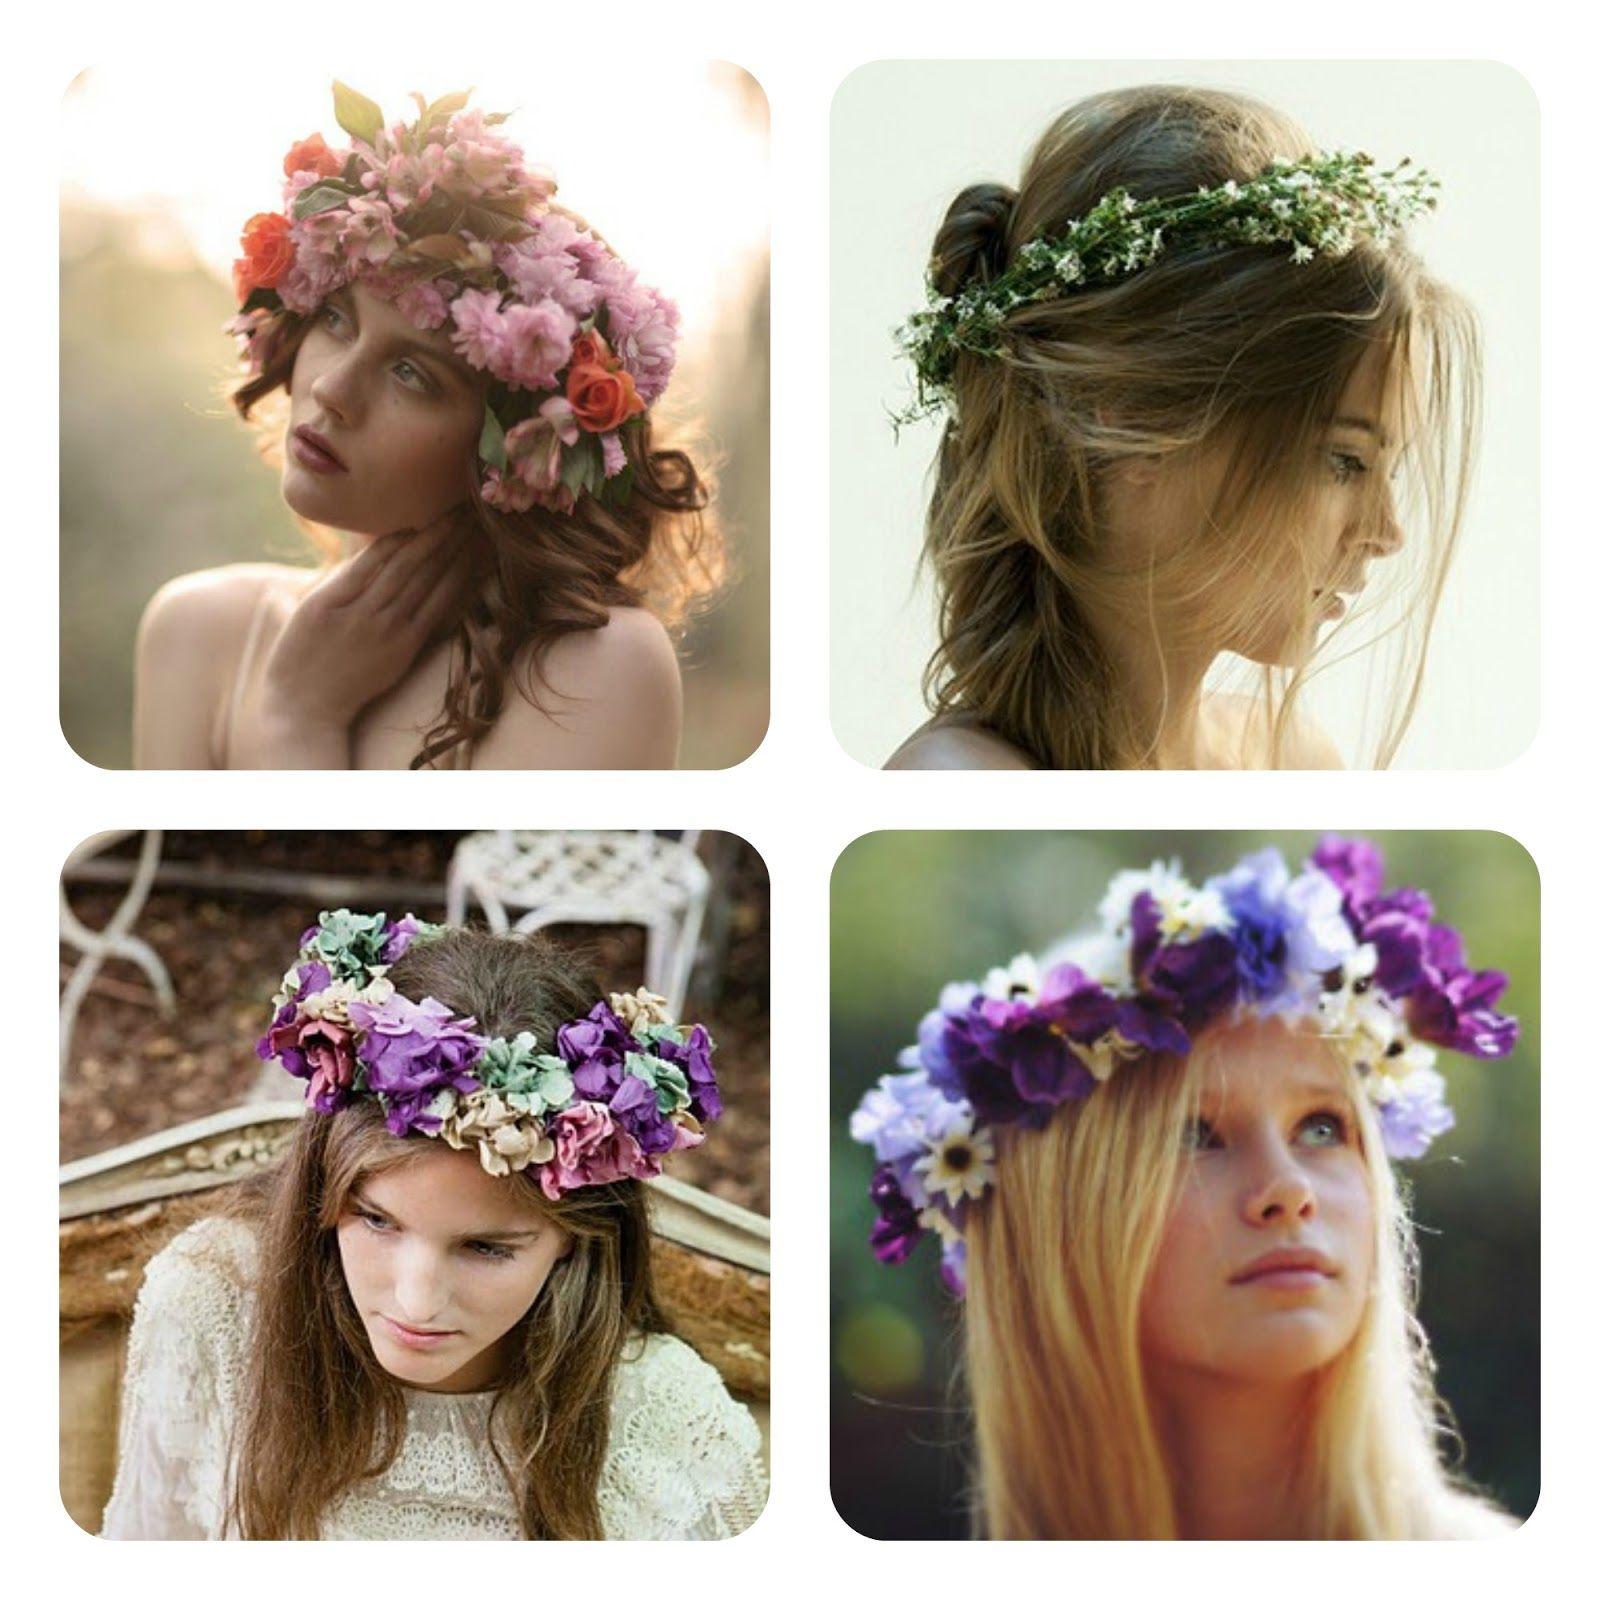 kilika hecho a mano coronas de flores cmo hacertocadoscoronaspeinadoshechoprimera - Como Hacer Diademas De Flores